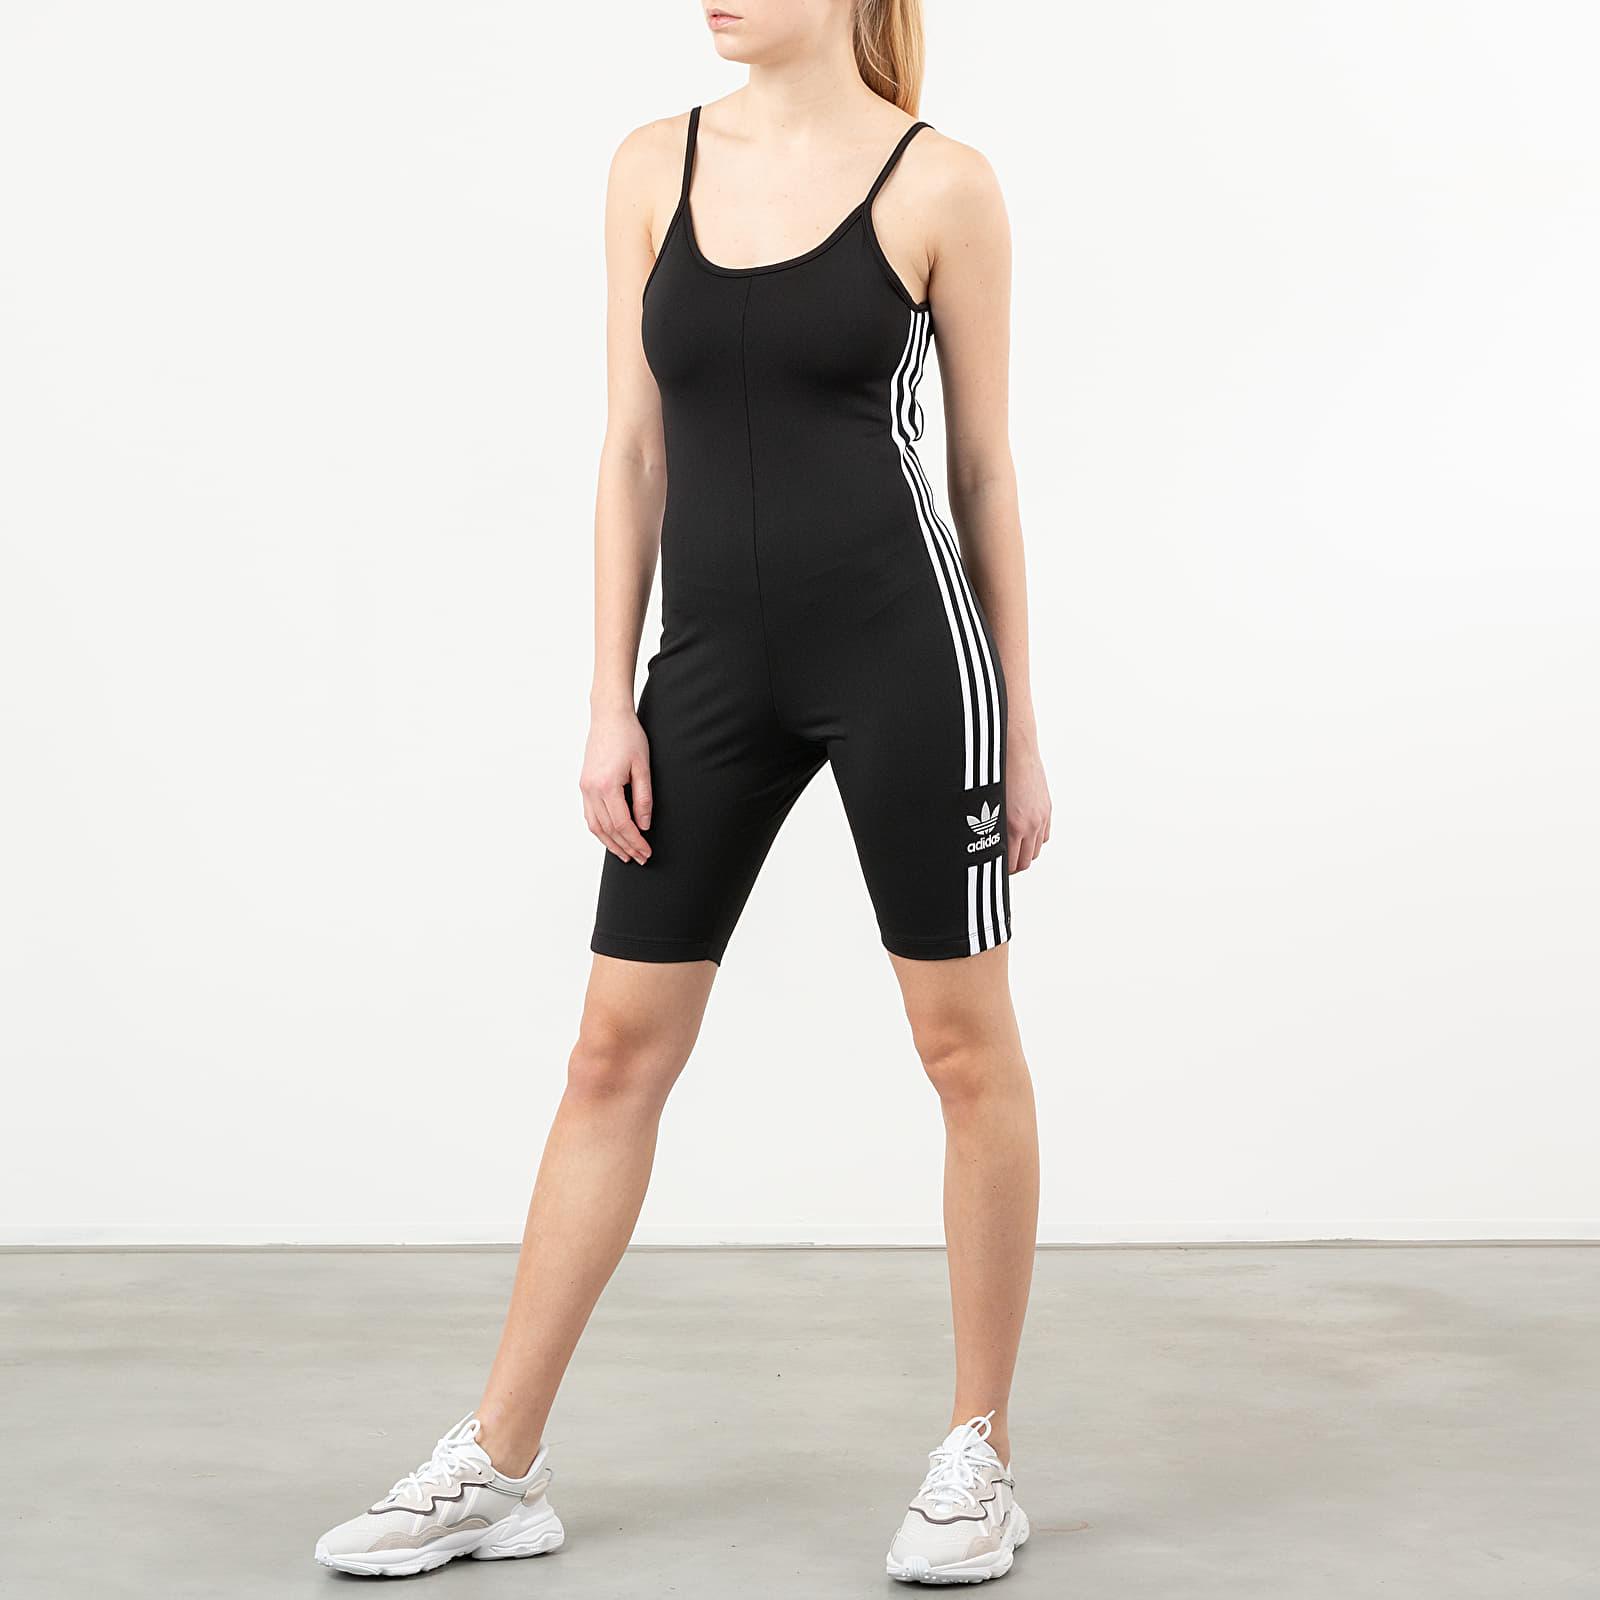 Dámské oblečení adidas Cycling Suit Black